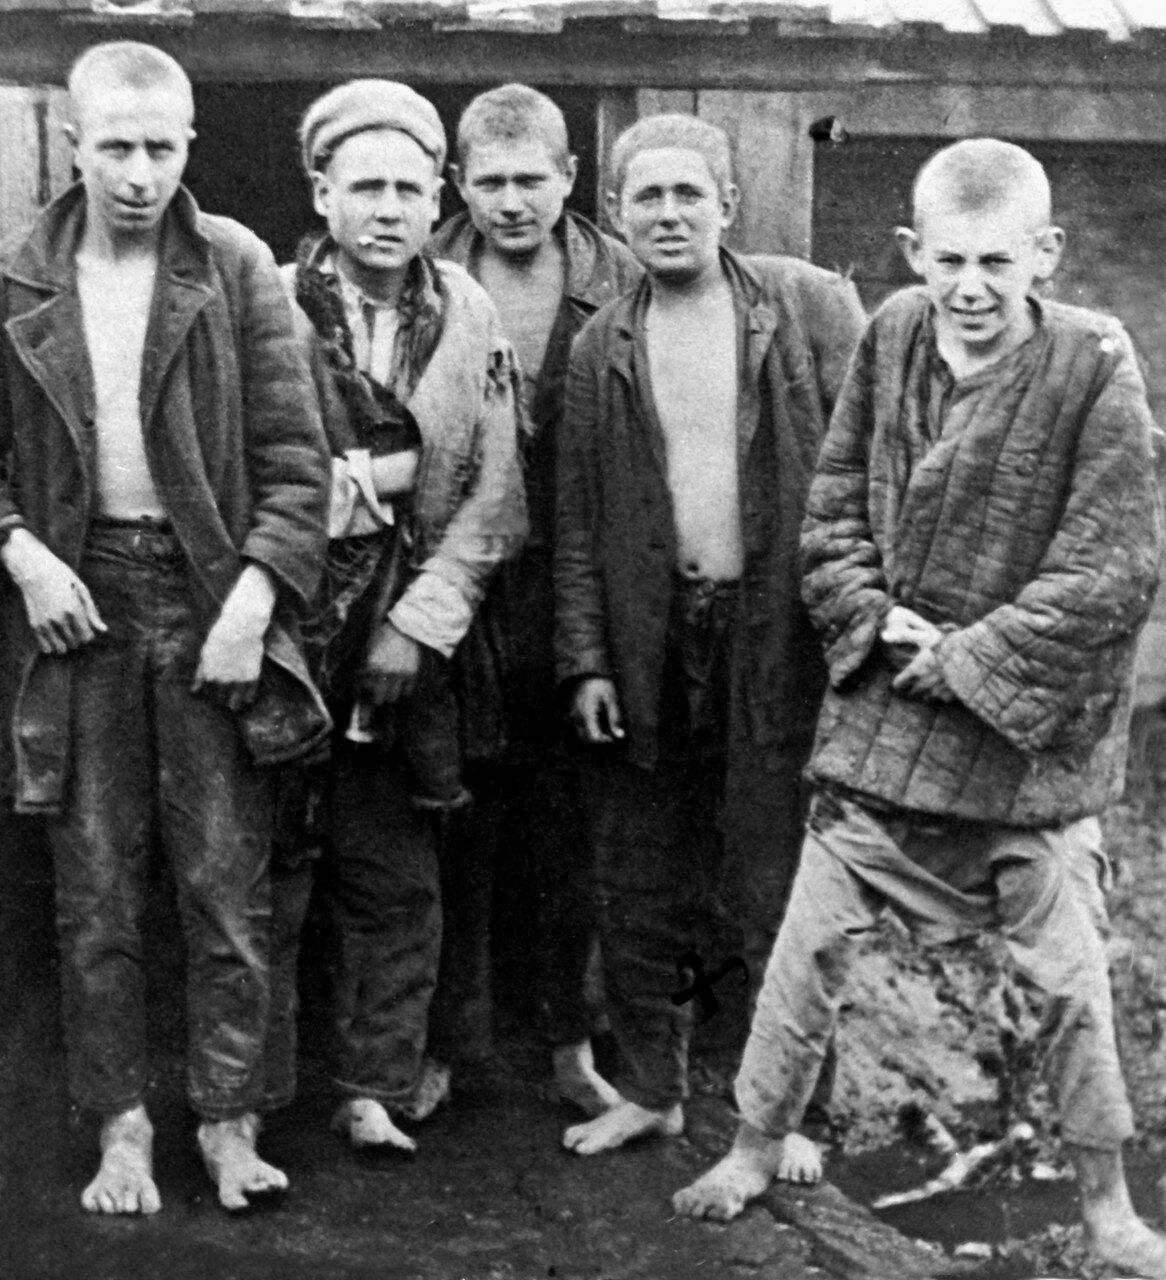 1930. Сибирь, беспризорники